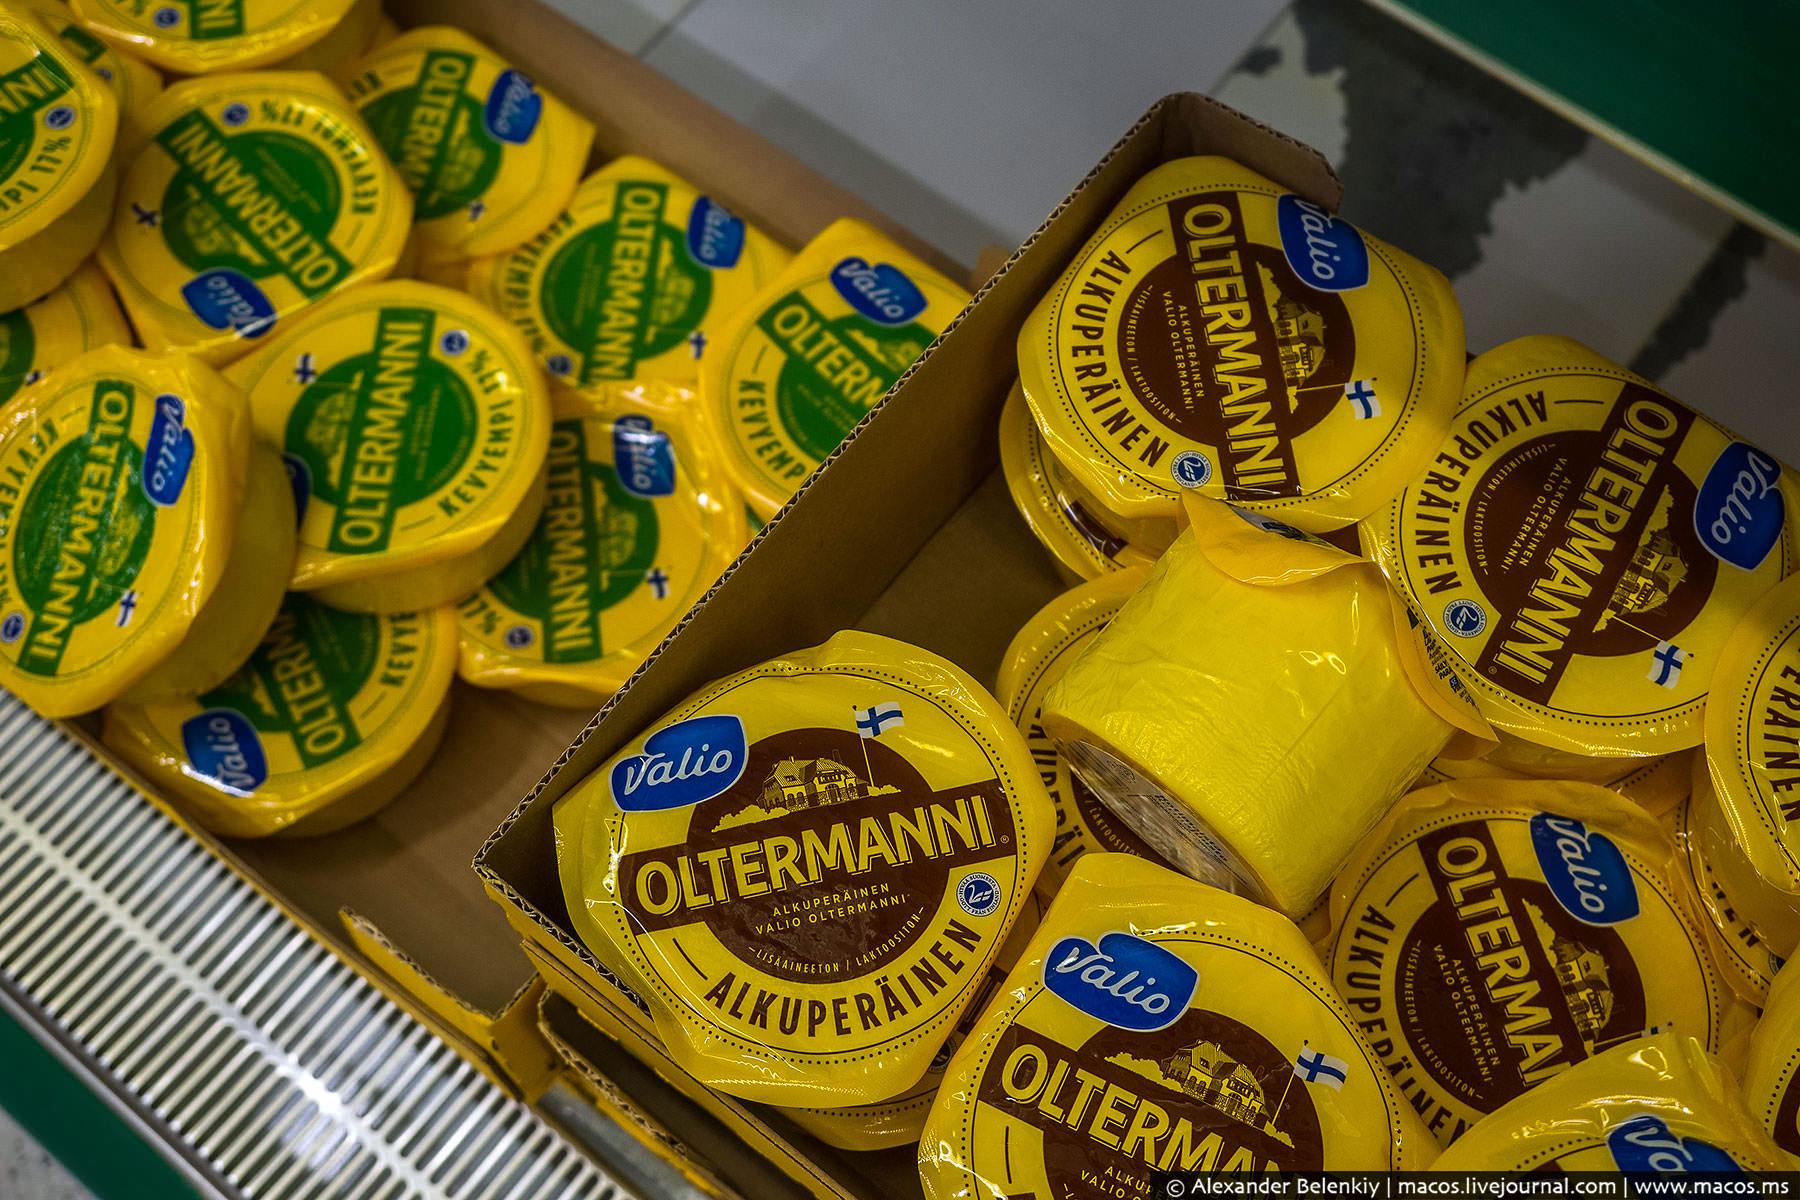 Сыр ольтермани. Самый лучший «массовый» сыр на свете. До введения продуктового эмбарго я покупал его